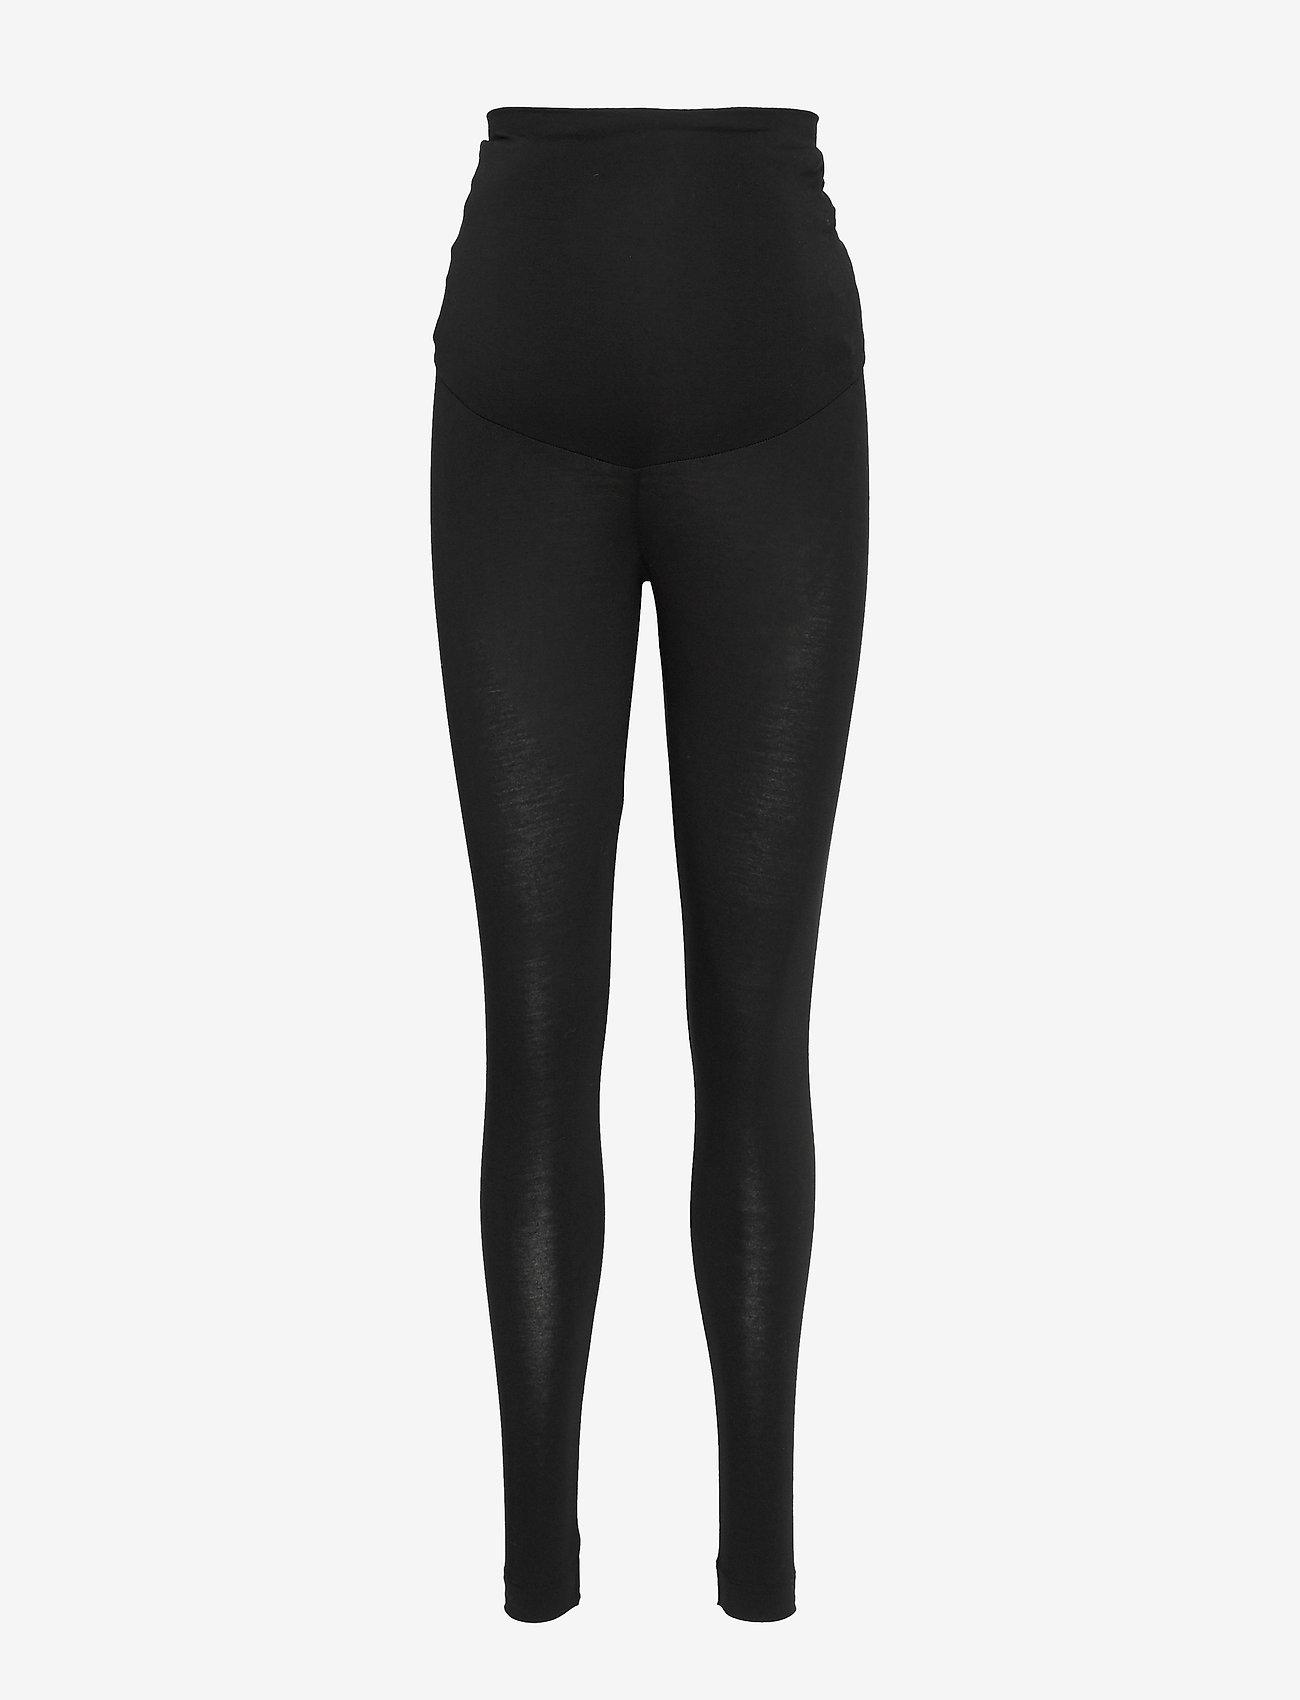 Boob - Once-on-never-off leggings - leggings - black - 1